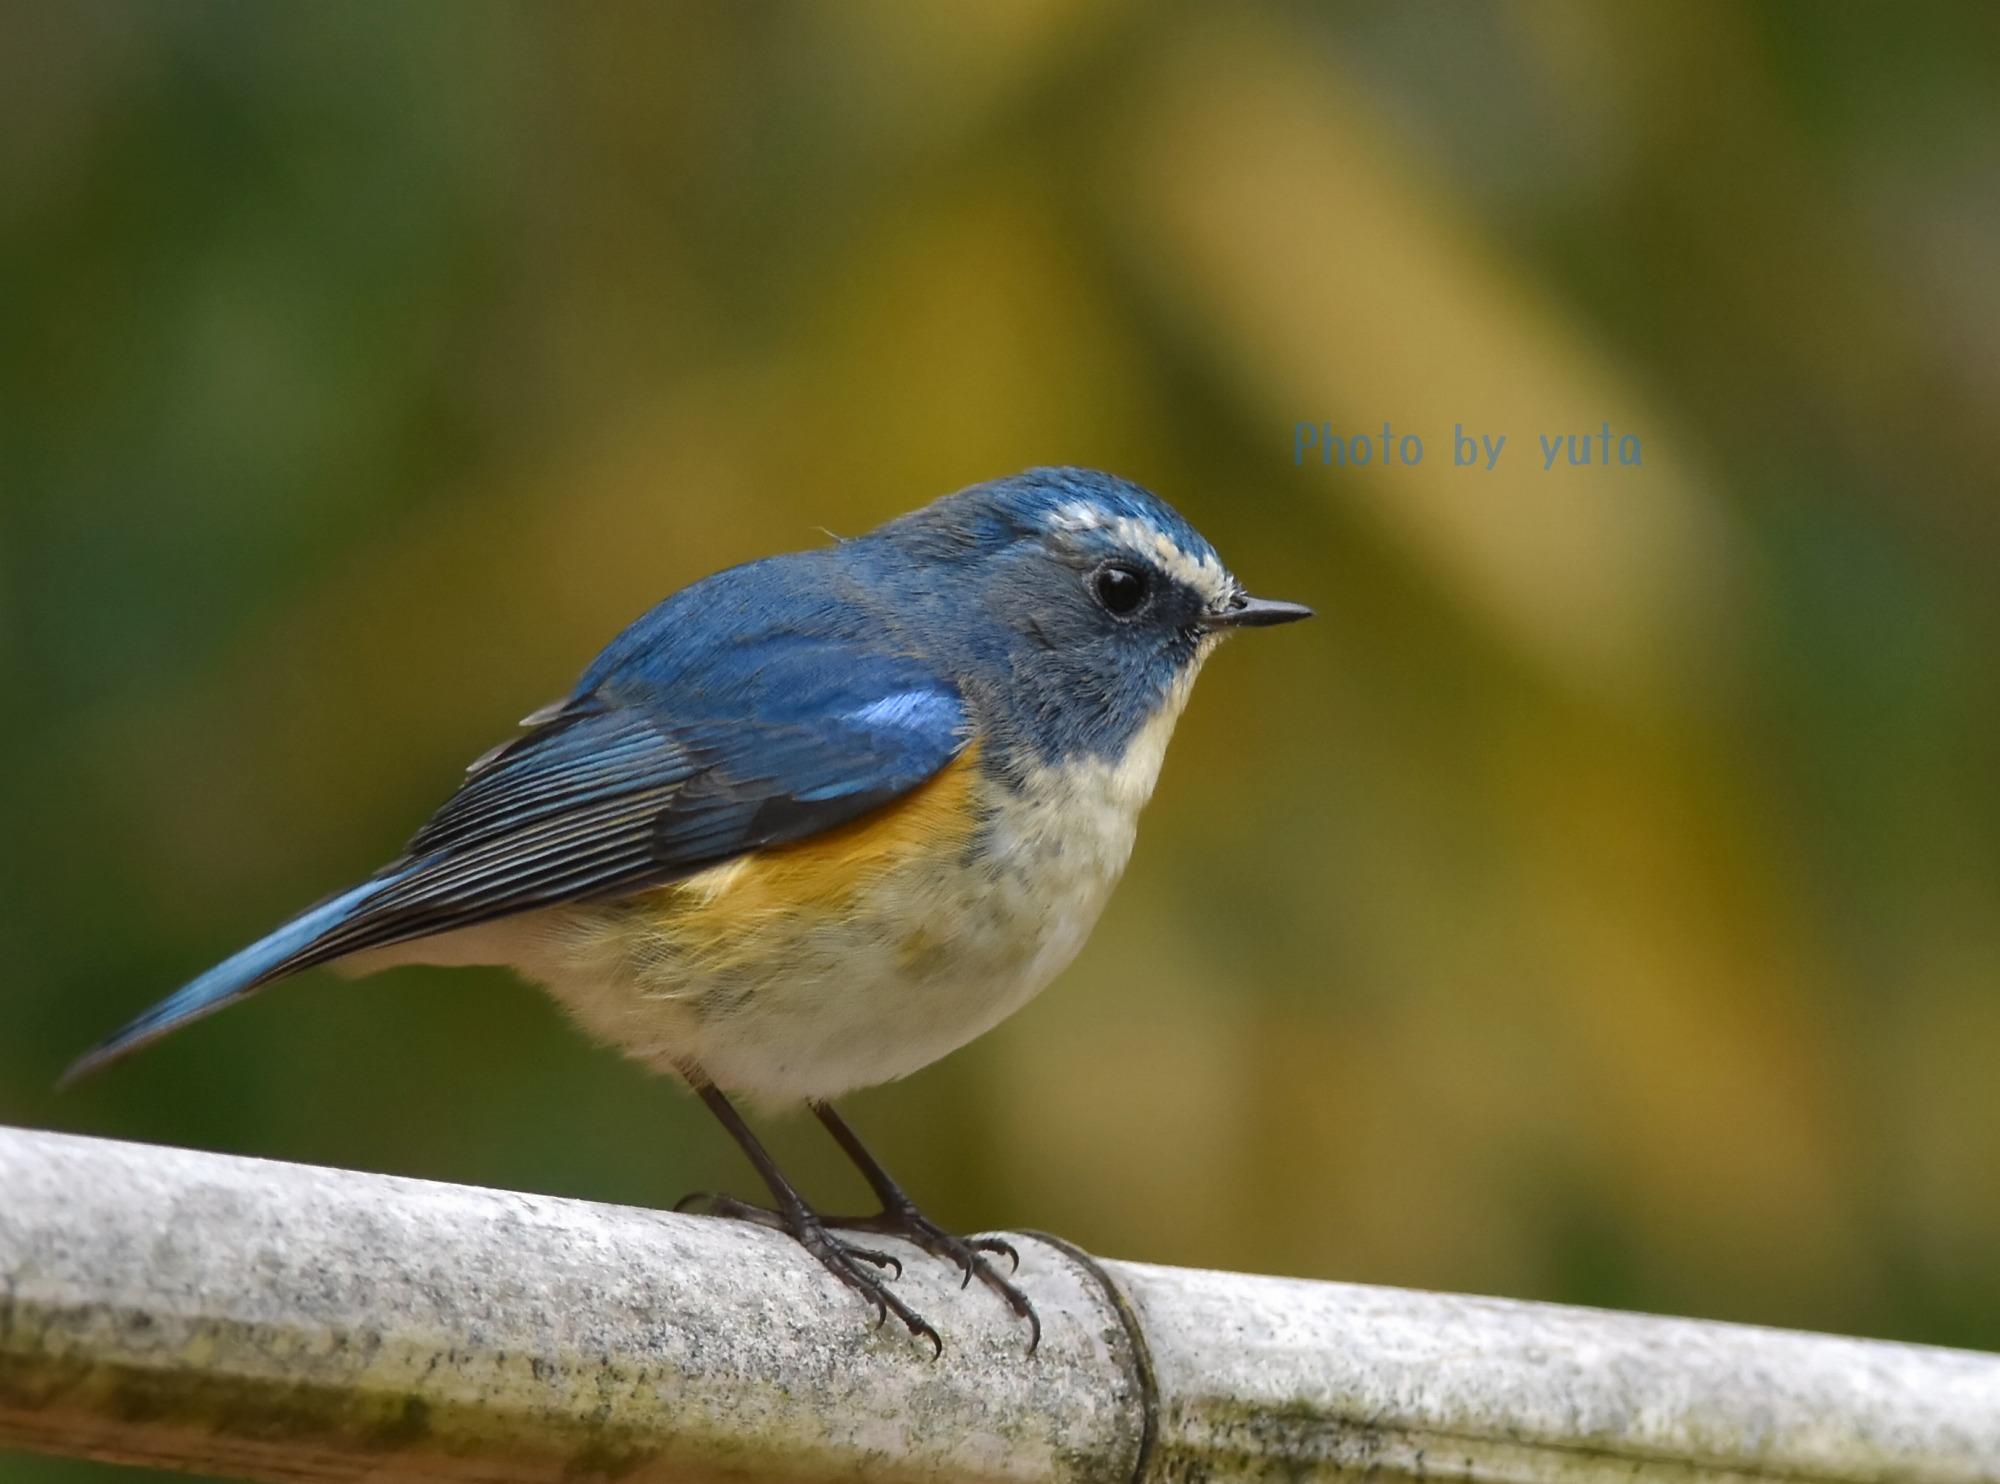 ルリビタキ成鳥